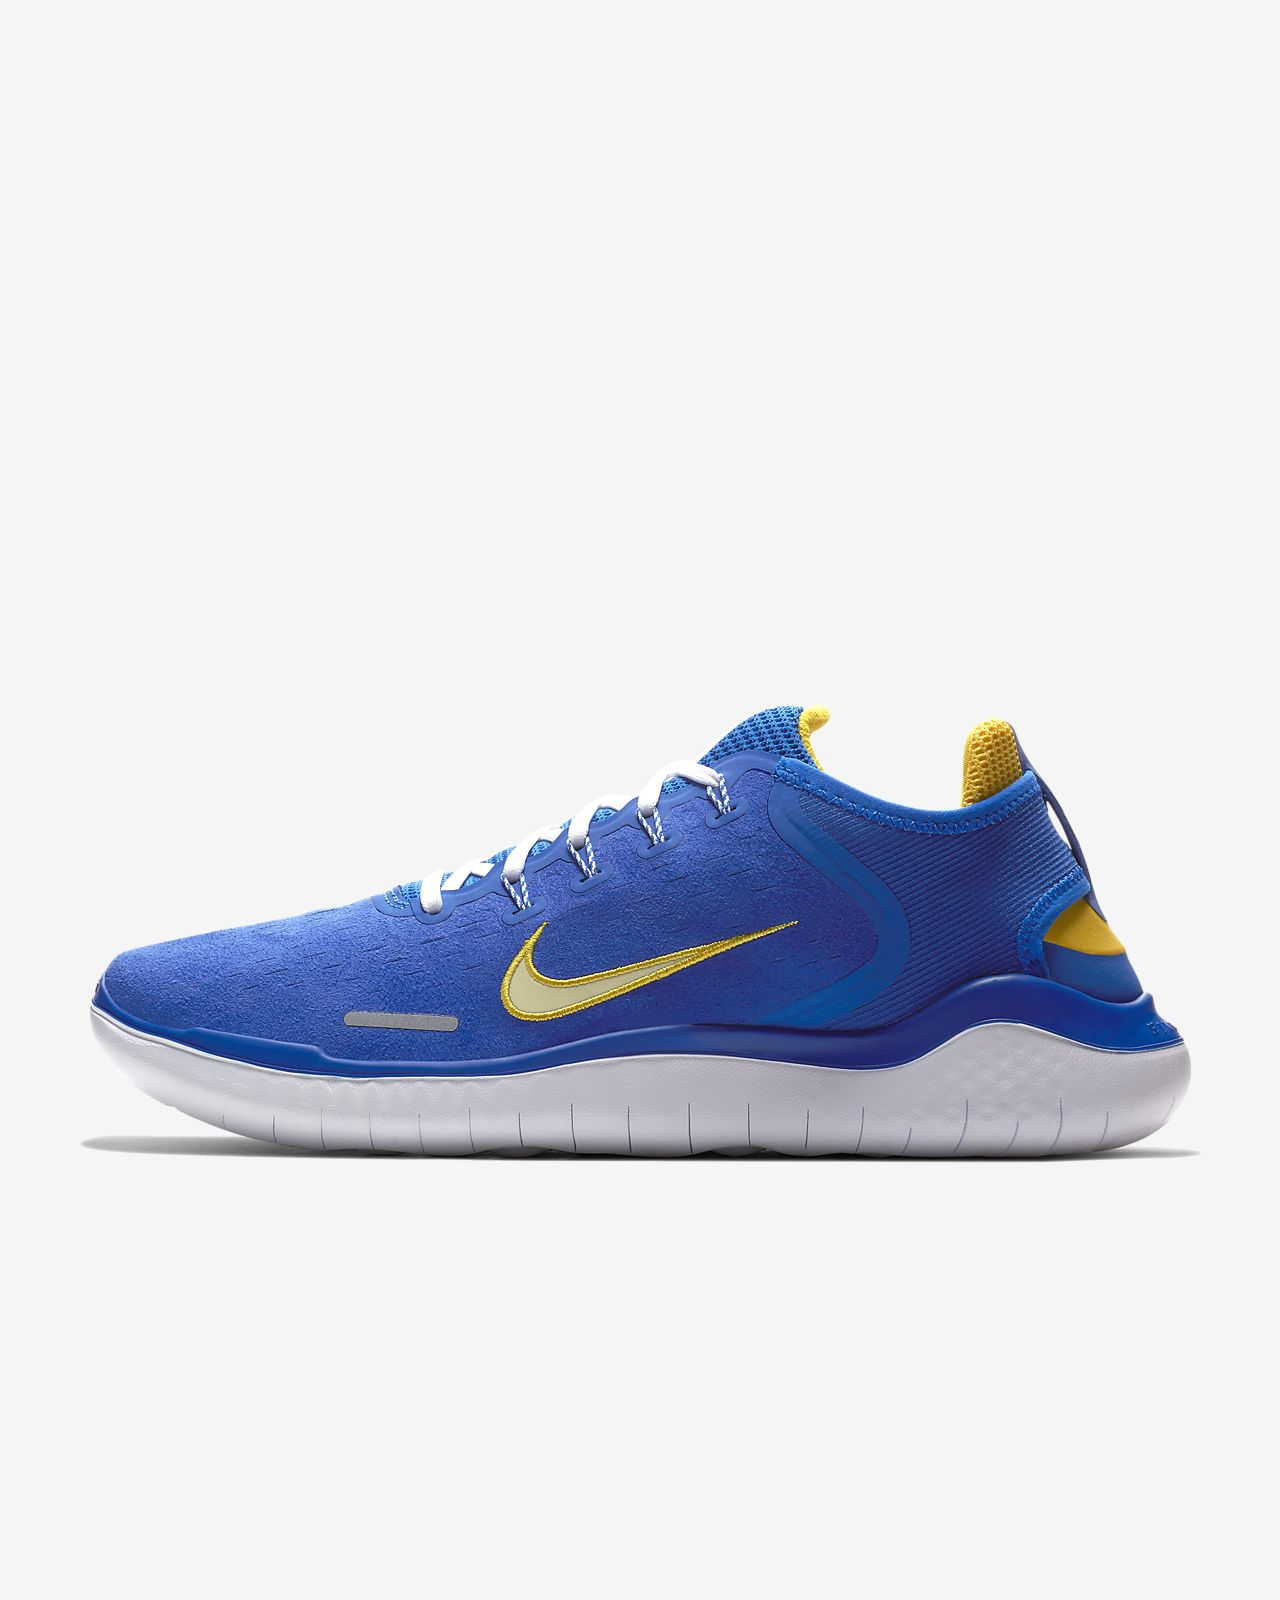 2030d1e2c203 Nike Nike Nike 2018 Free Se Män Löparsko Löparsko Löparsko Löparsko Dna Rn  För fCqxH